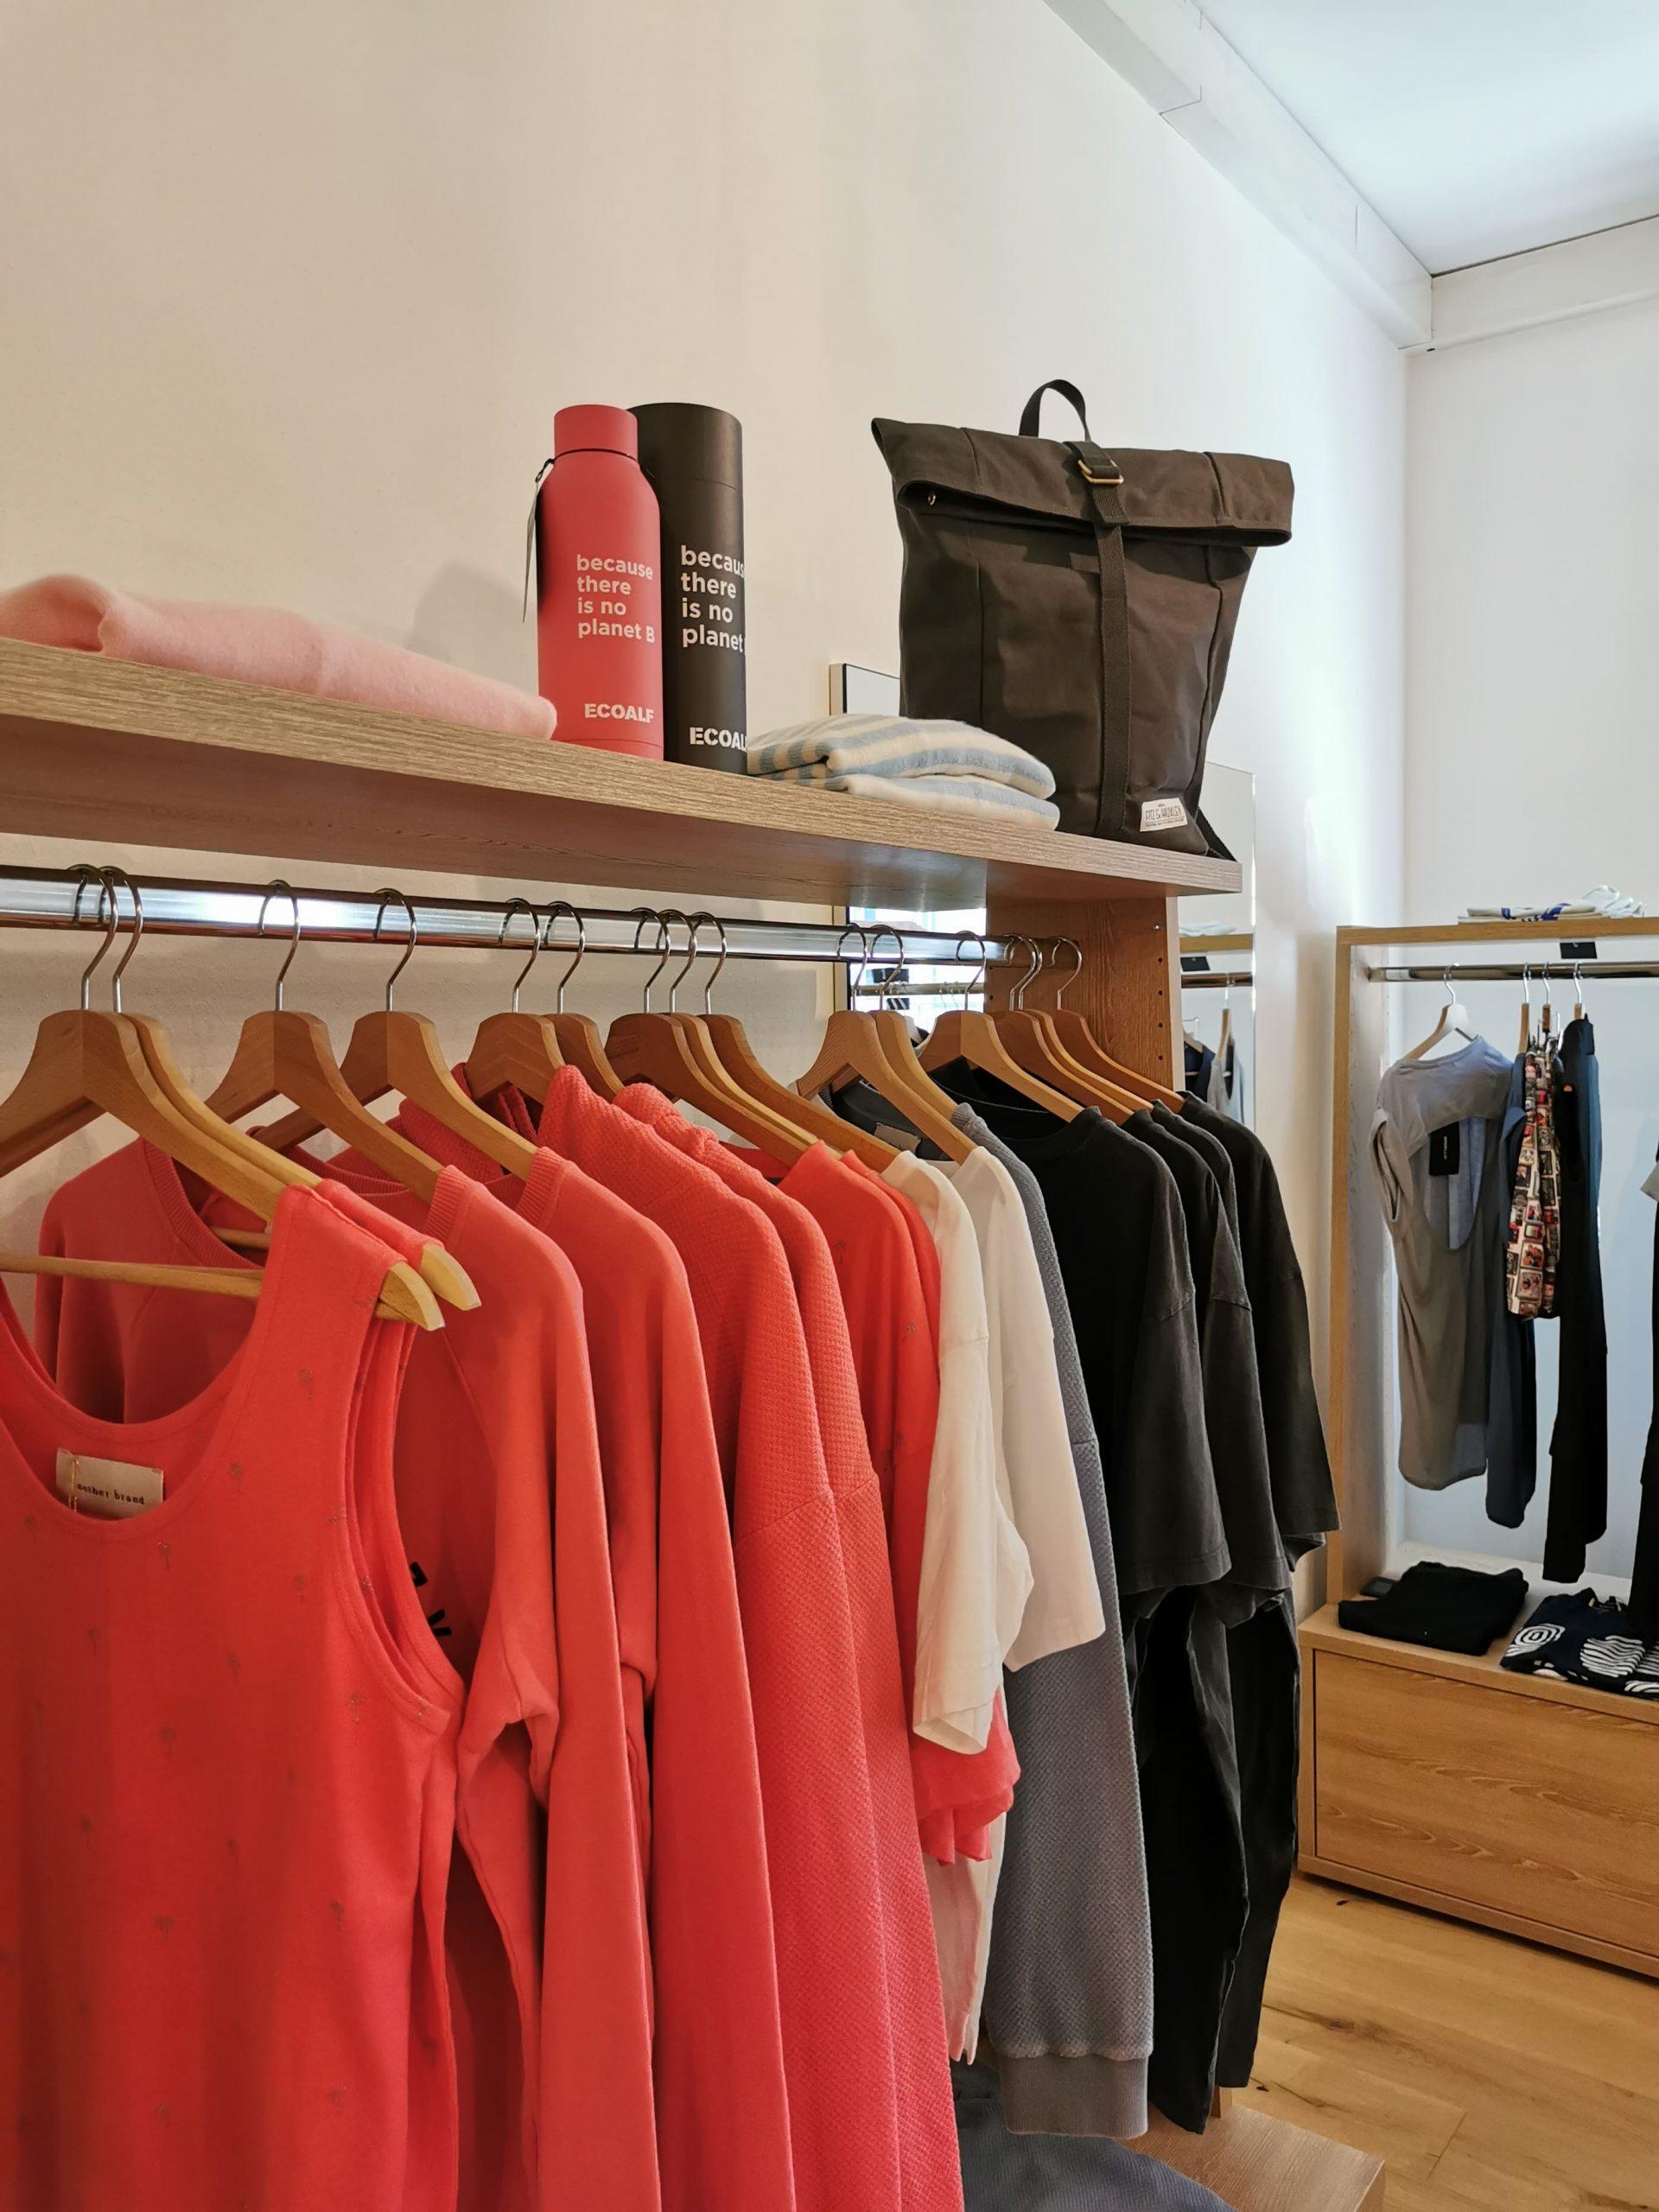 Kauri Store - abbigliamento organico